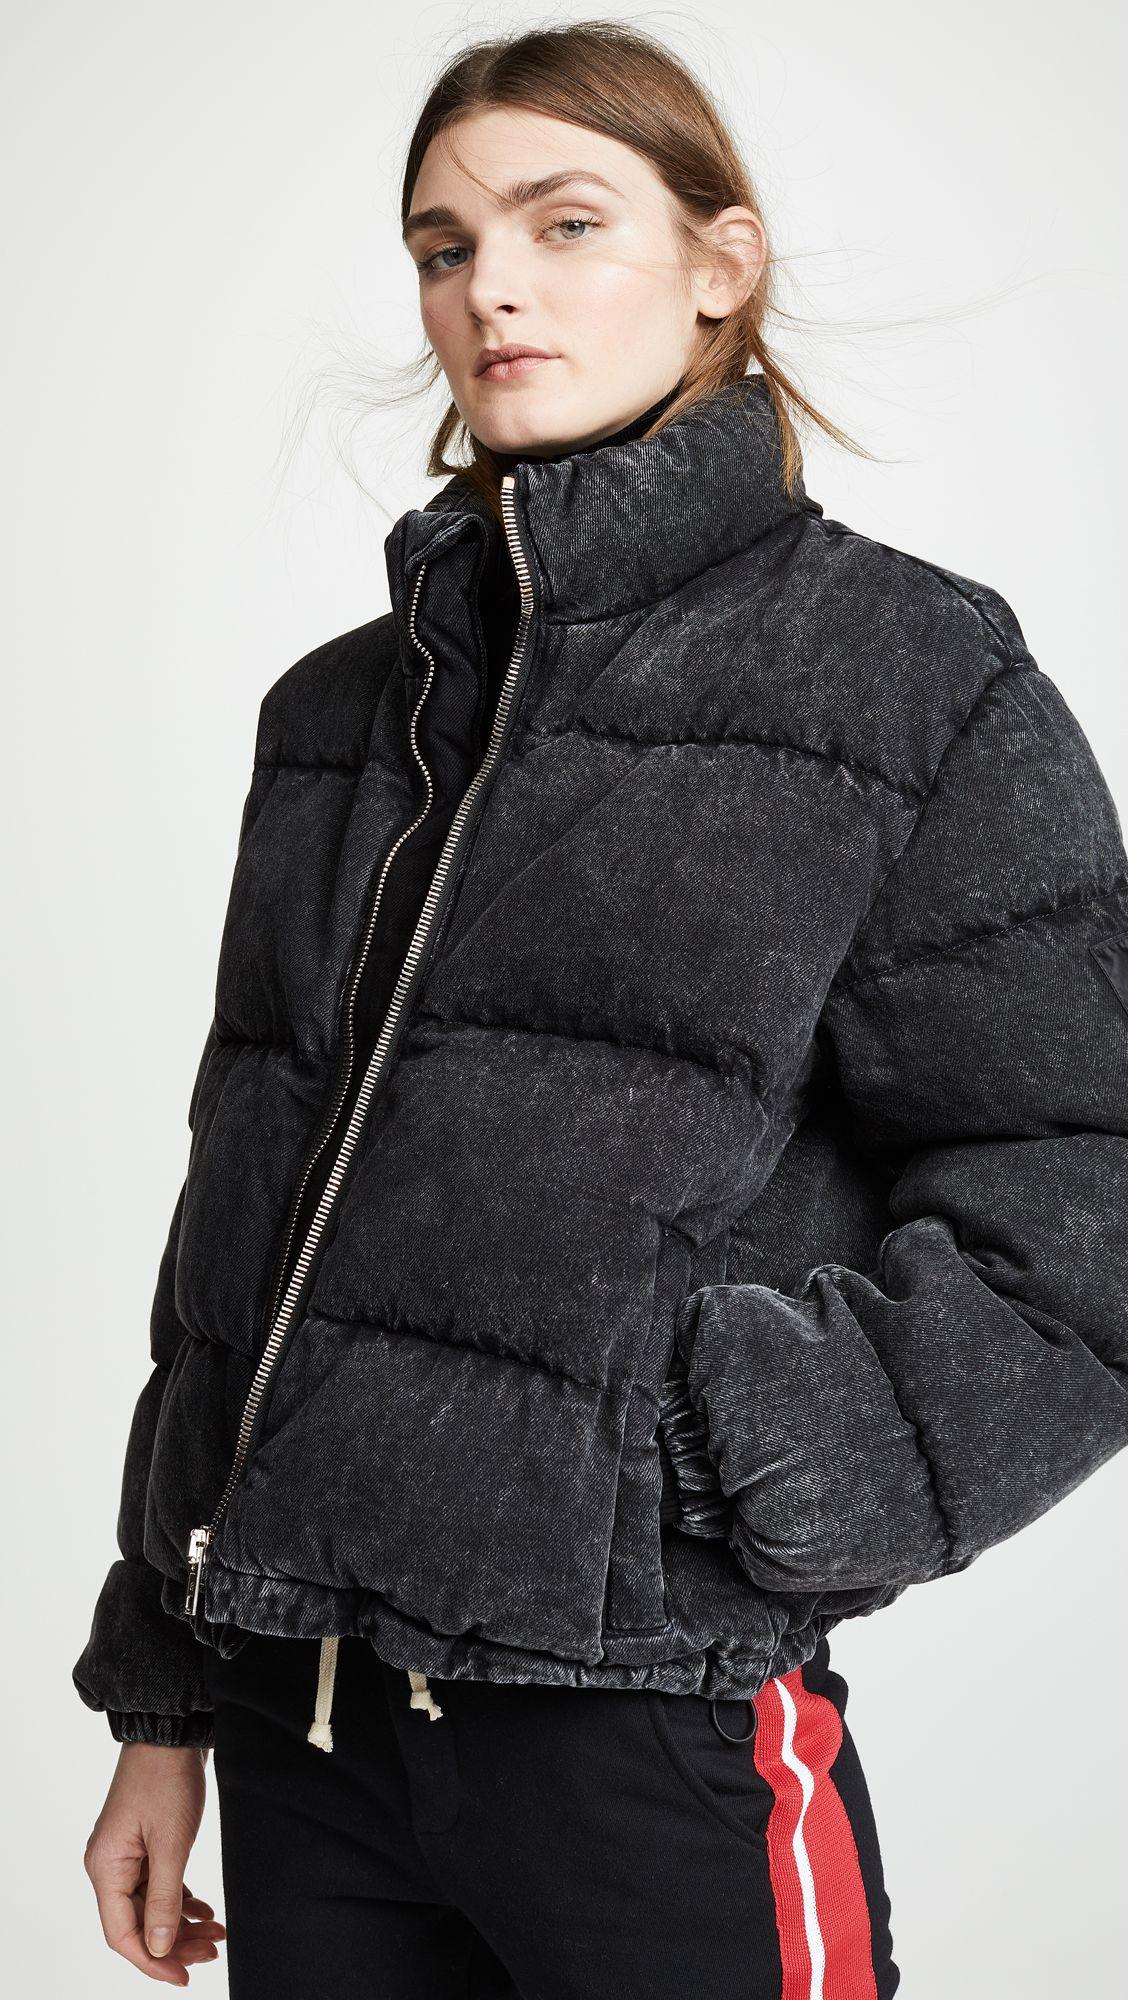 Denim X Alexander Wang Puffer Jacket Puffer jackets